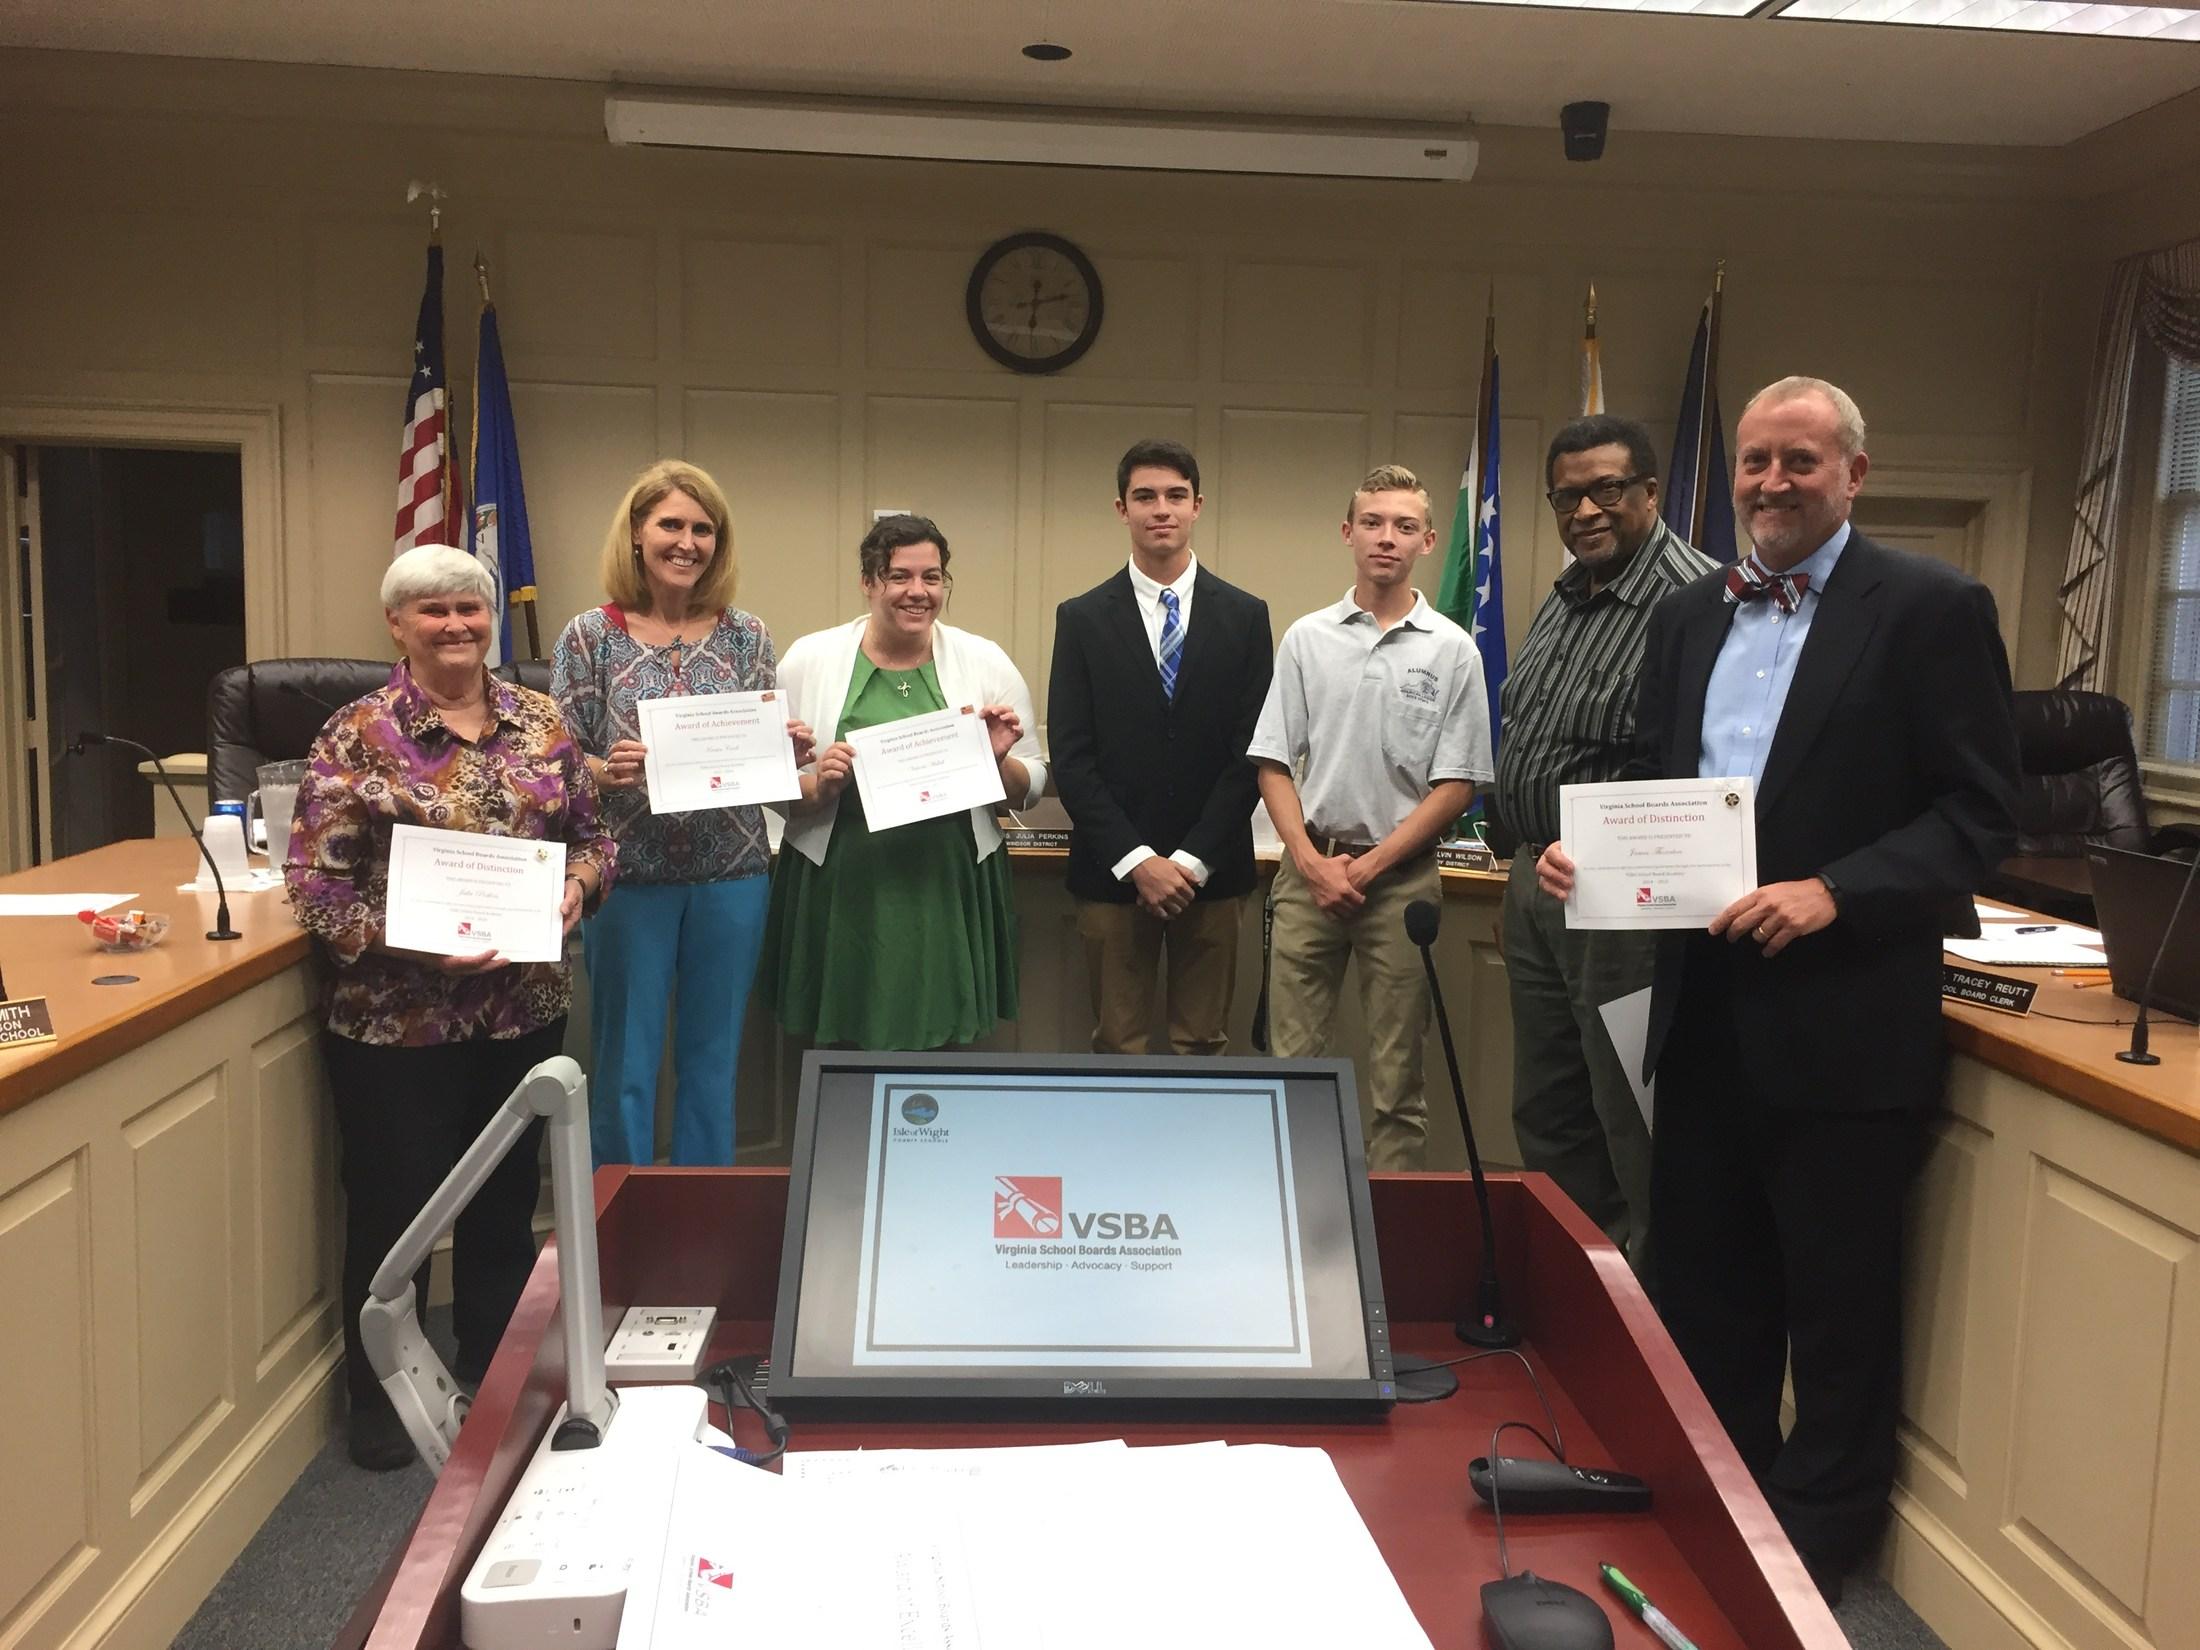 school board members holding certificates